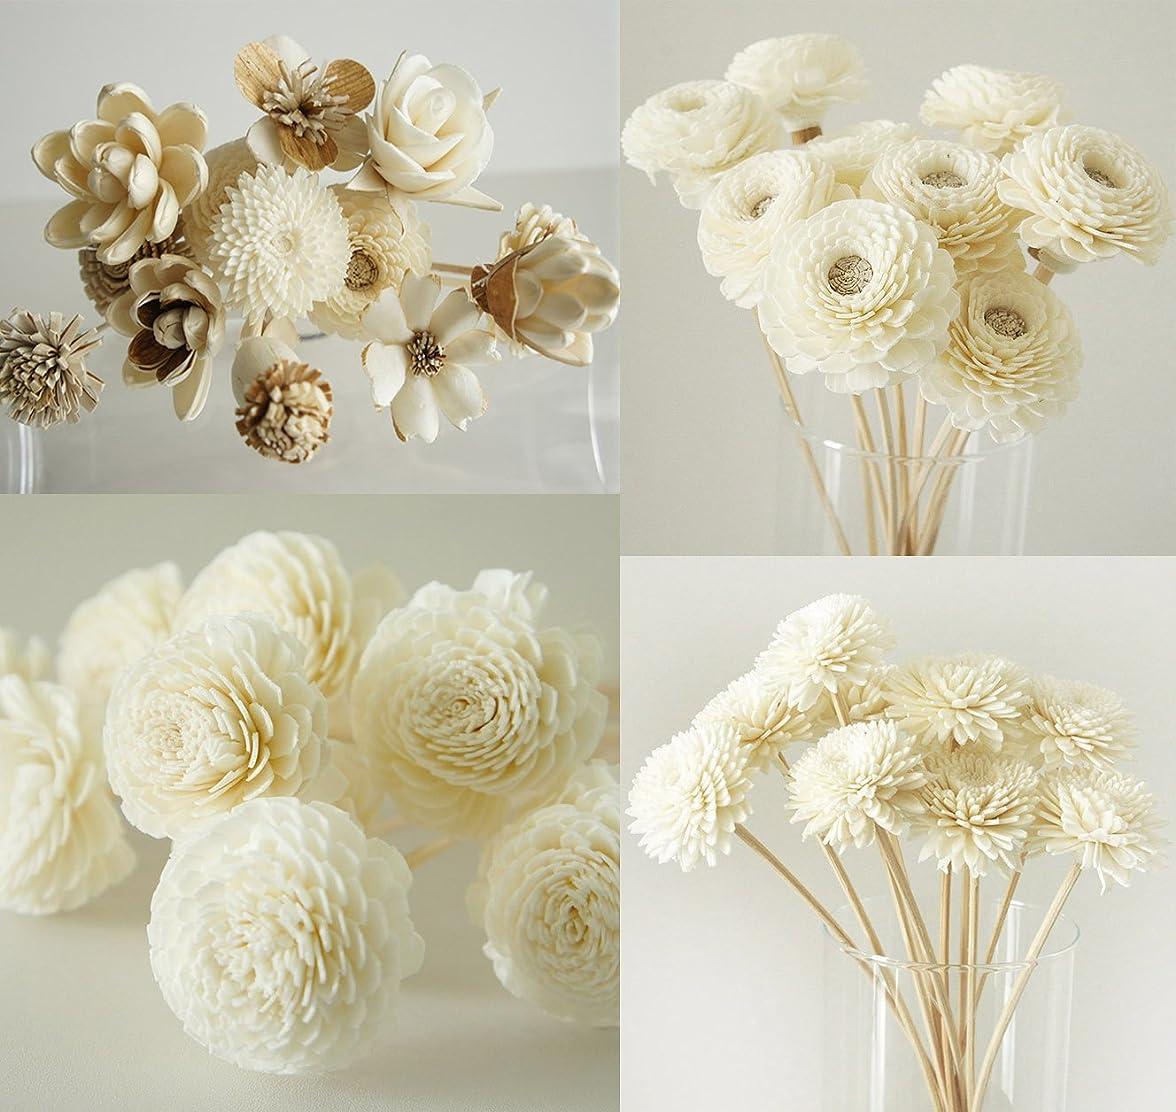 天使ナインへスタックエキゾチックPlawanature Mix 4のセット42人気Sola Wood Flower with Reed Diffuser for Home Fragranceアロマオイル。